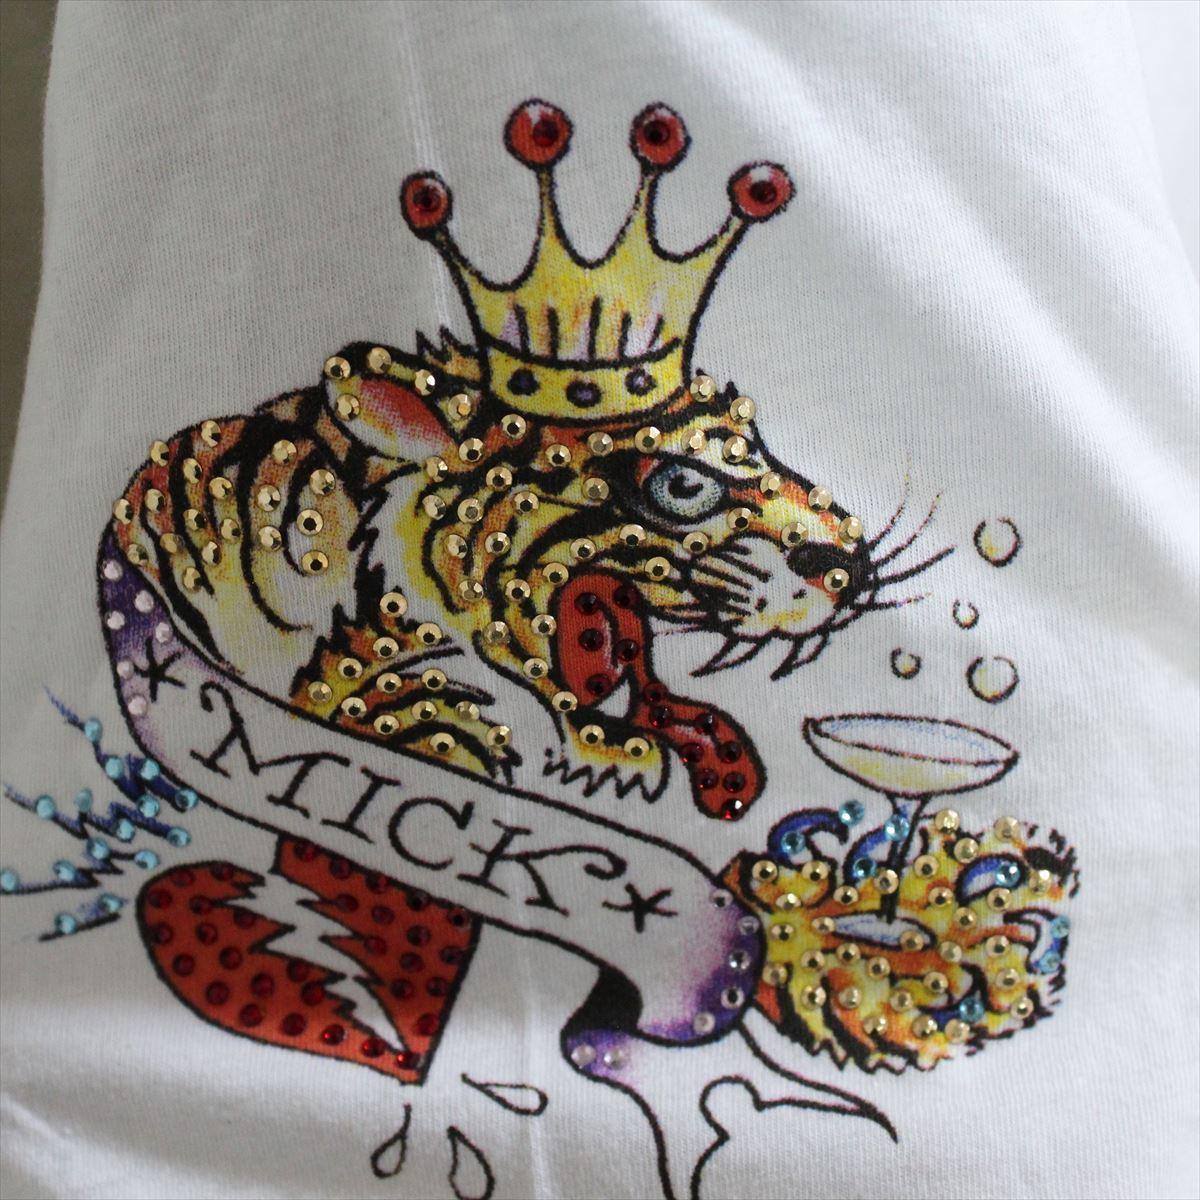 エドハーディー ED HARDY メンズ半袖Tシャツ ホワイト Sサイズ M02RST940 新品 白_画像4